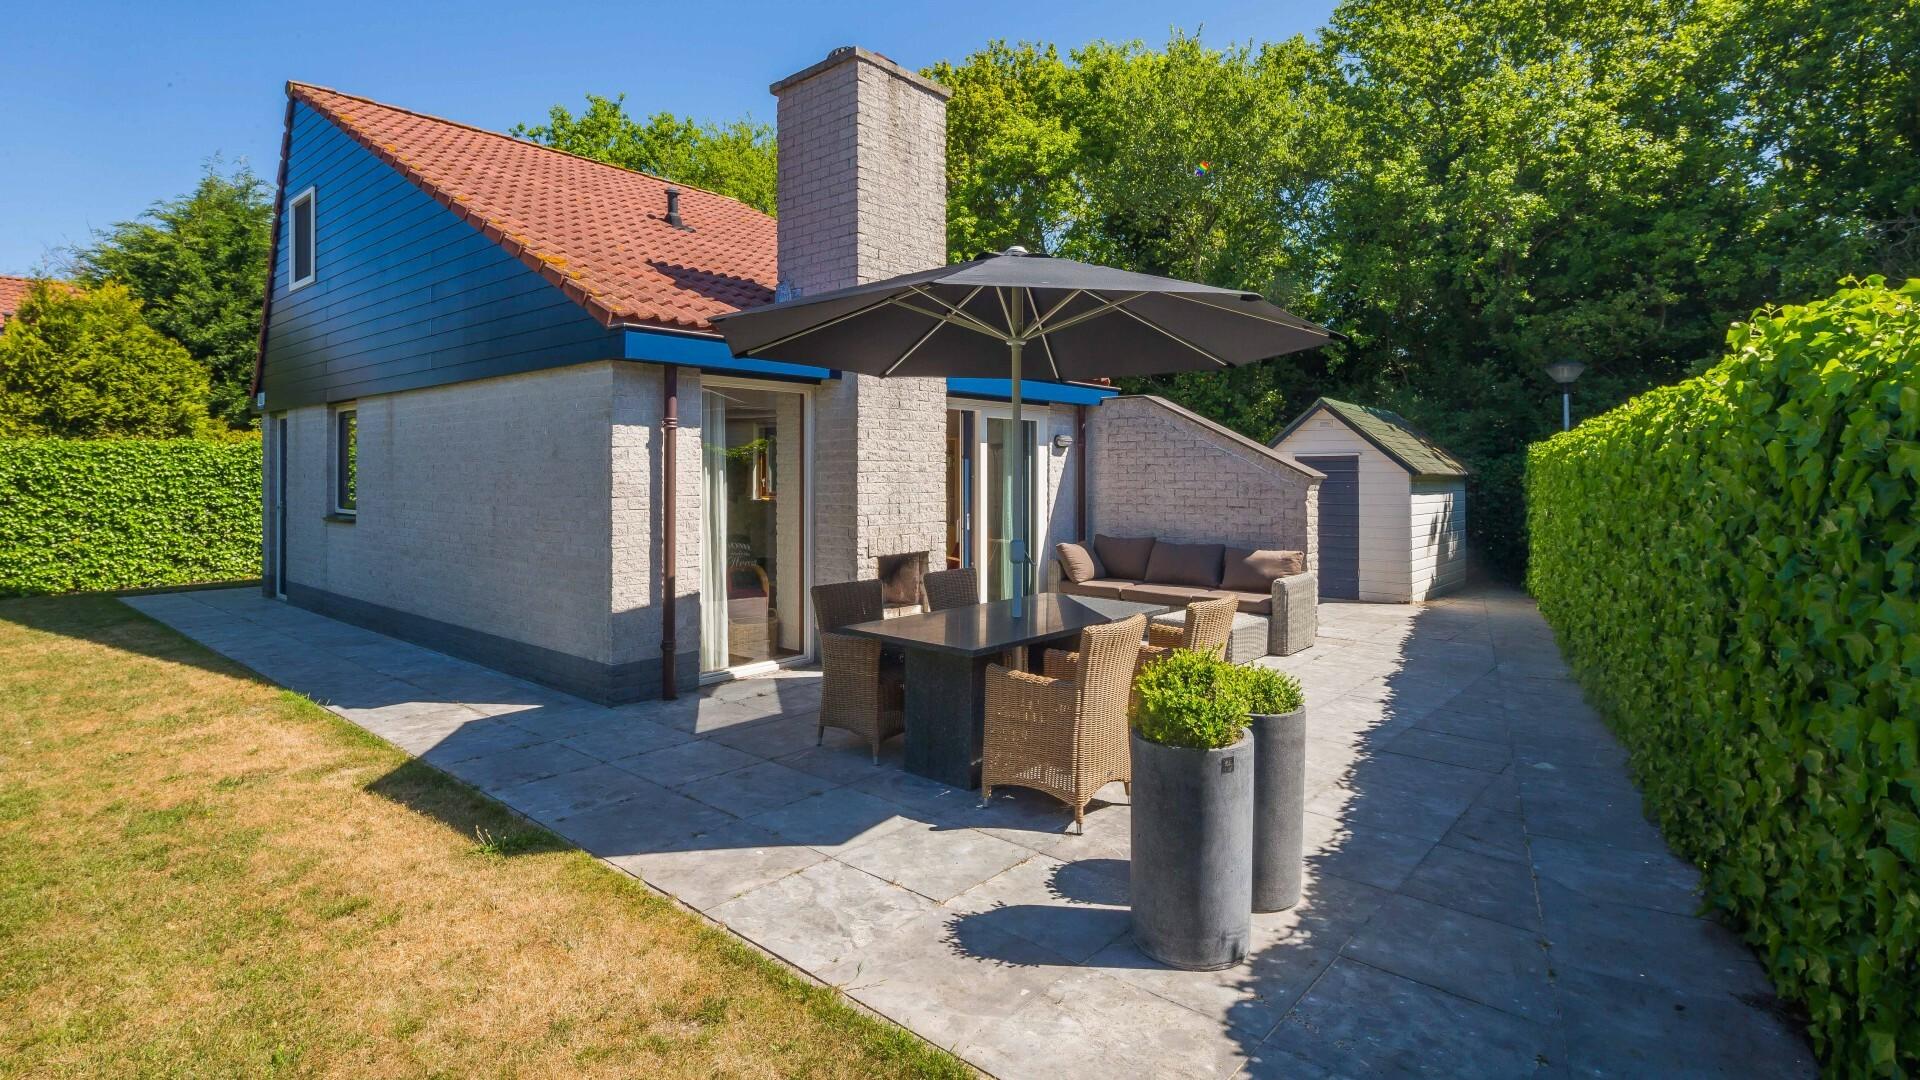 Terras vrijstaand vakantiehuis Gortersmient VVV Texel